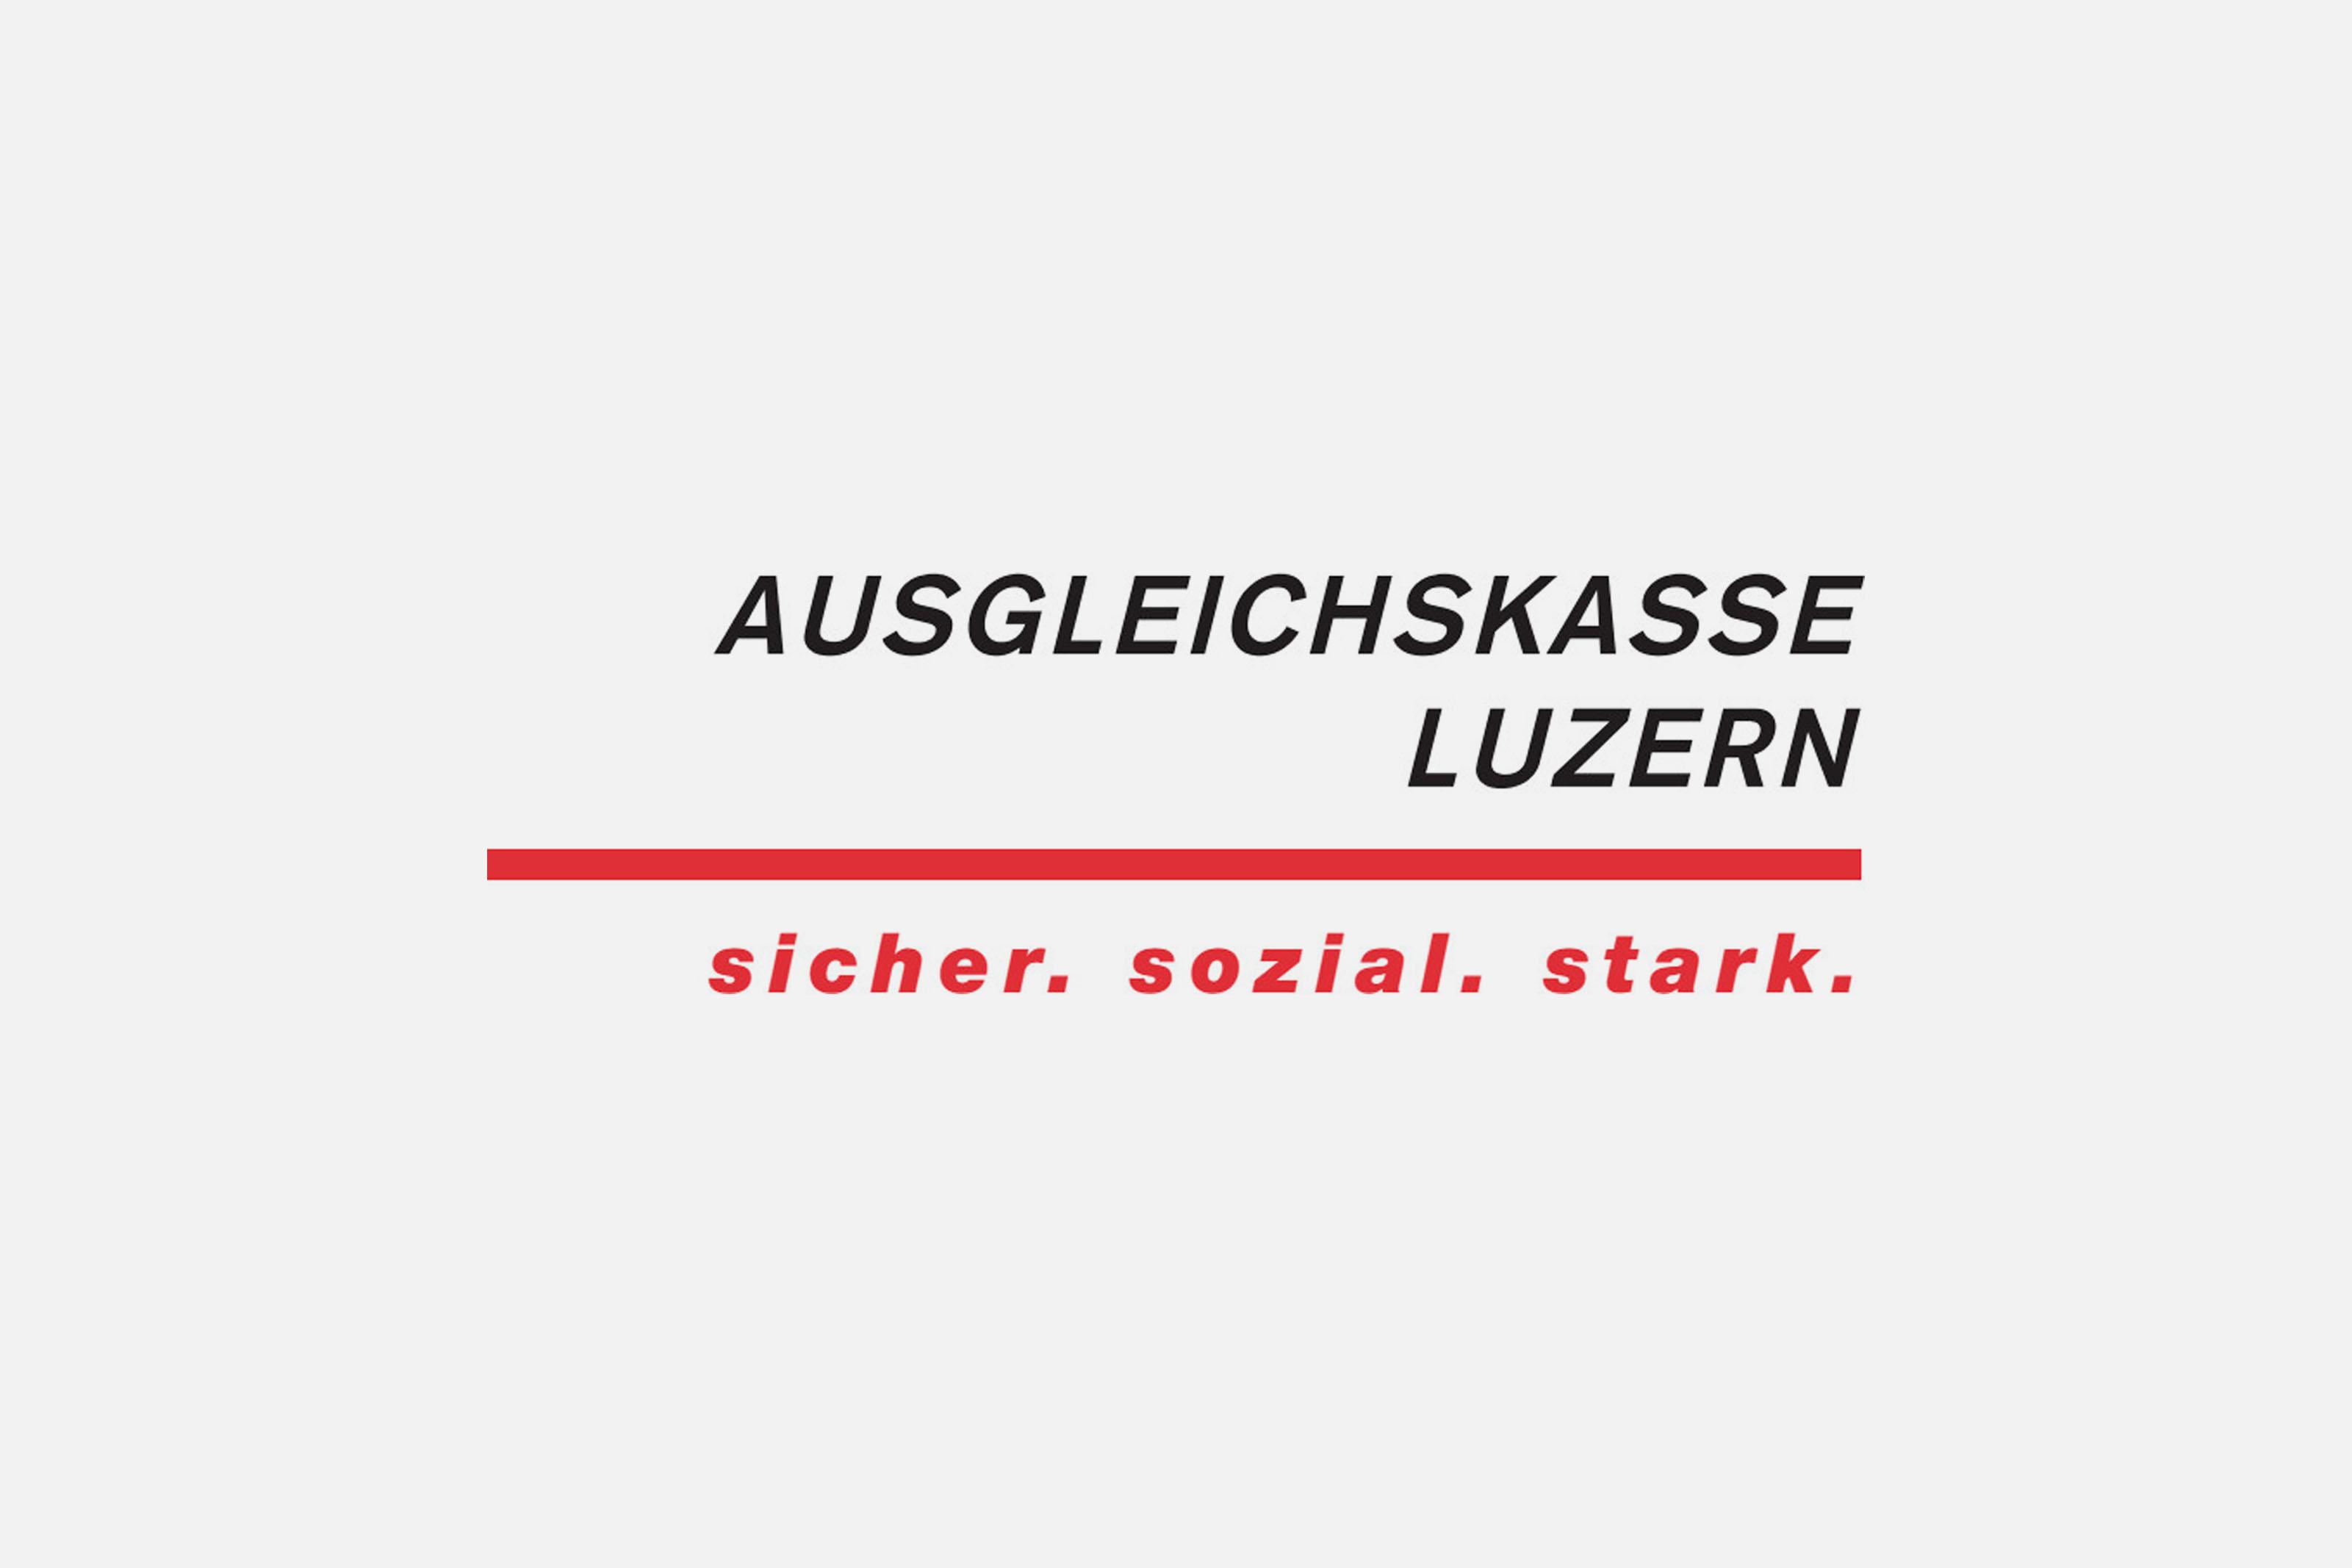 Ausgleichskasse Luzern